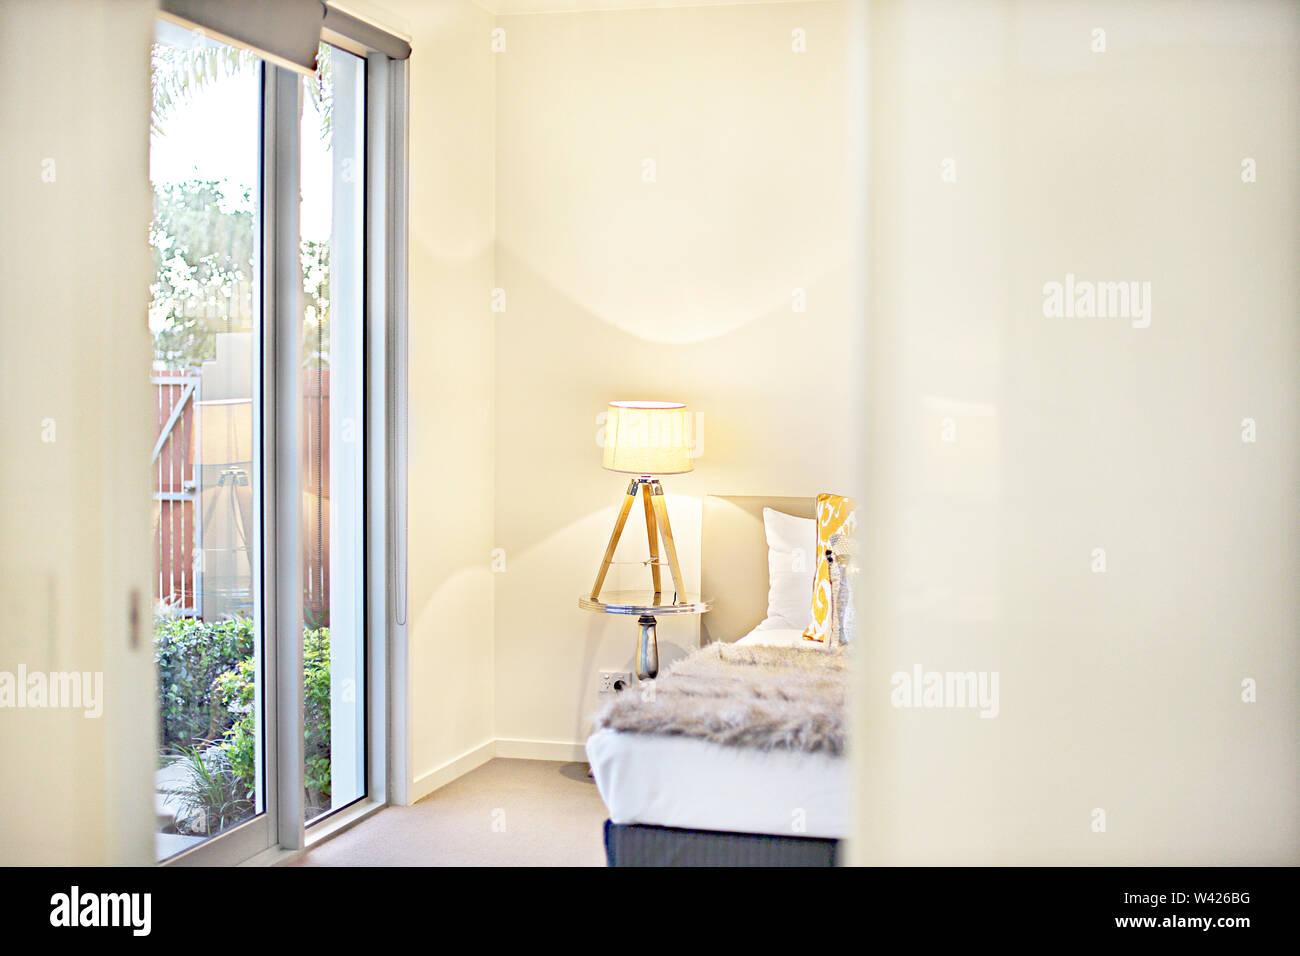 Guardando alla moderna camera da letto ingresso con una luce gialla lampeggiante accanto a cuscini sul letto con coperta di pelliccia, vi sono luci sulla parete accanto a th Immagini Stock